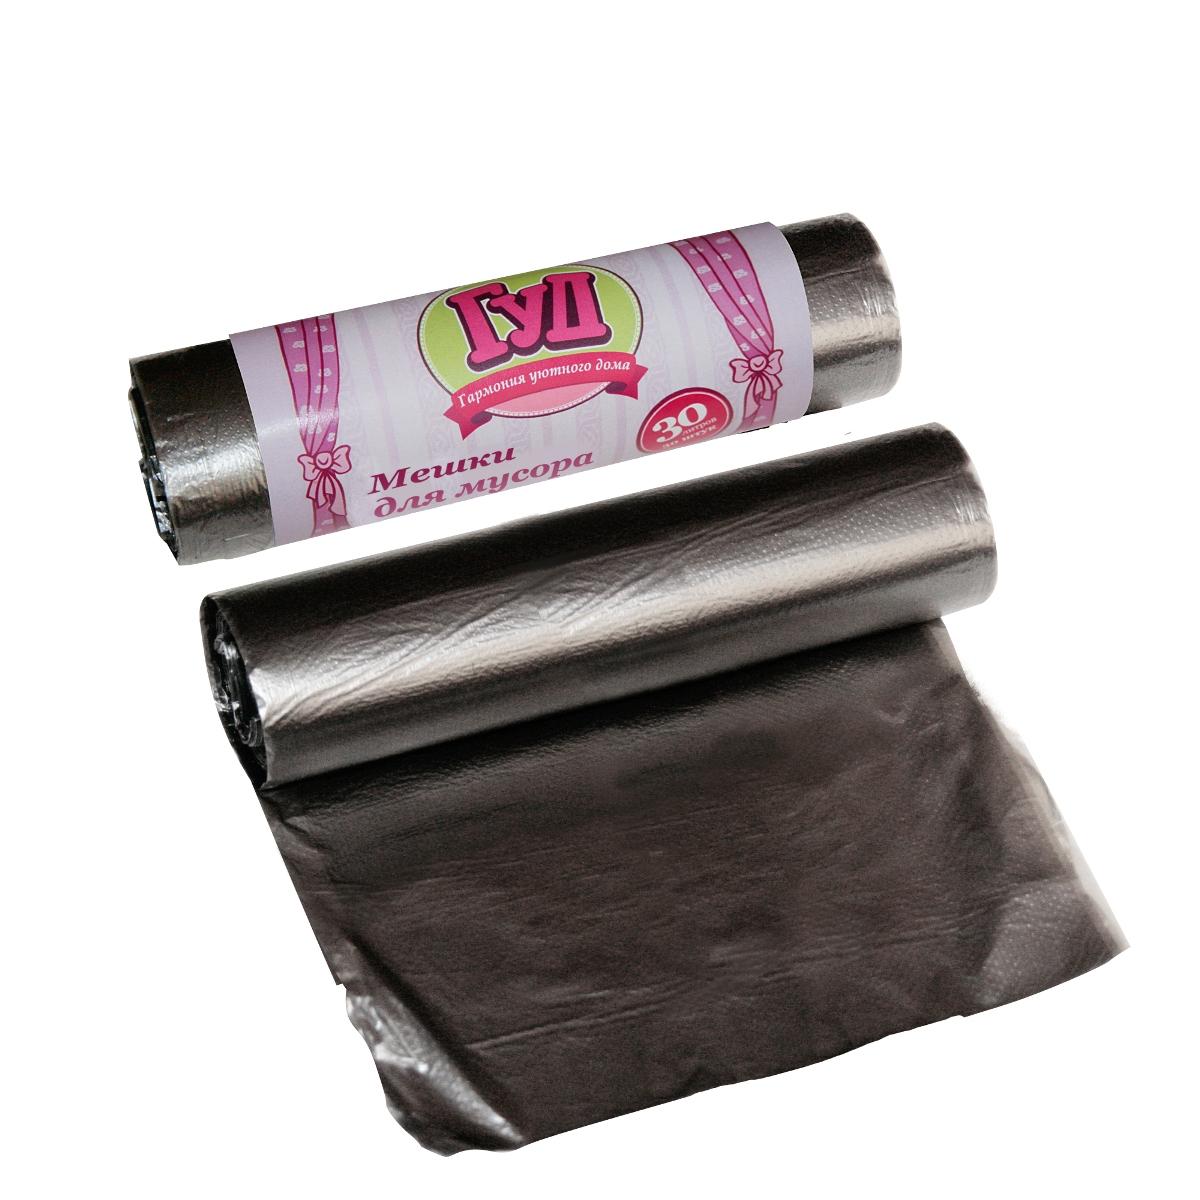 Мешки для мусора Гуд, цвет: черный, 30 л, 30 шт8.1